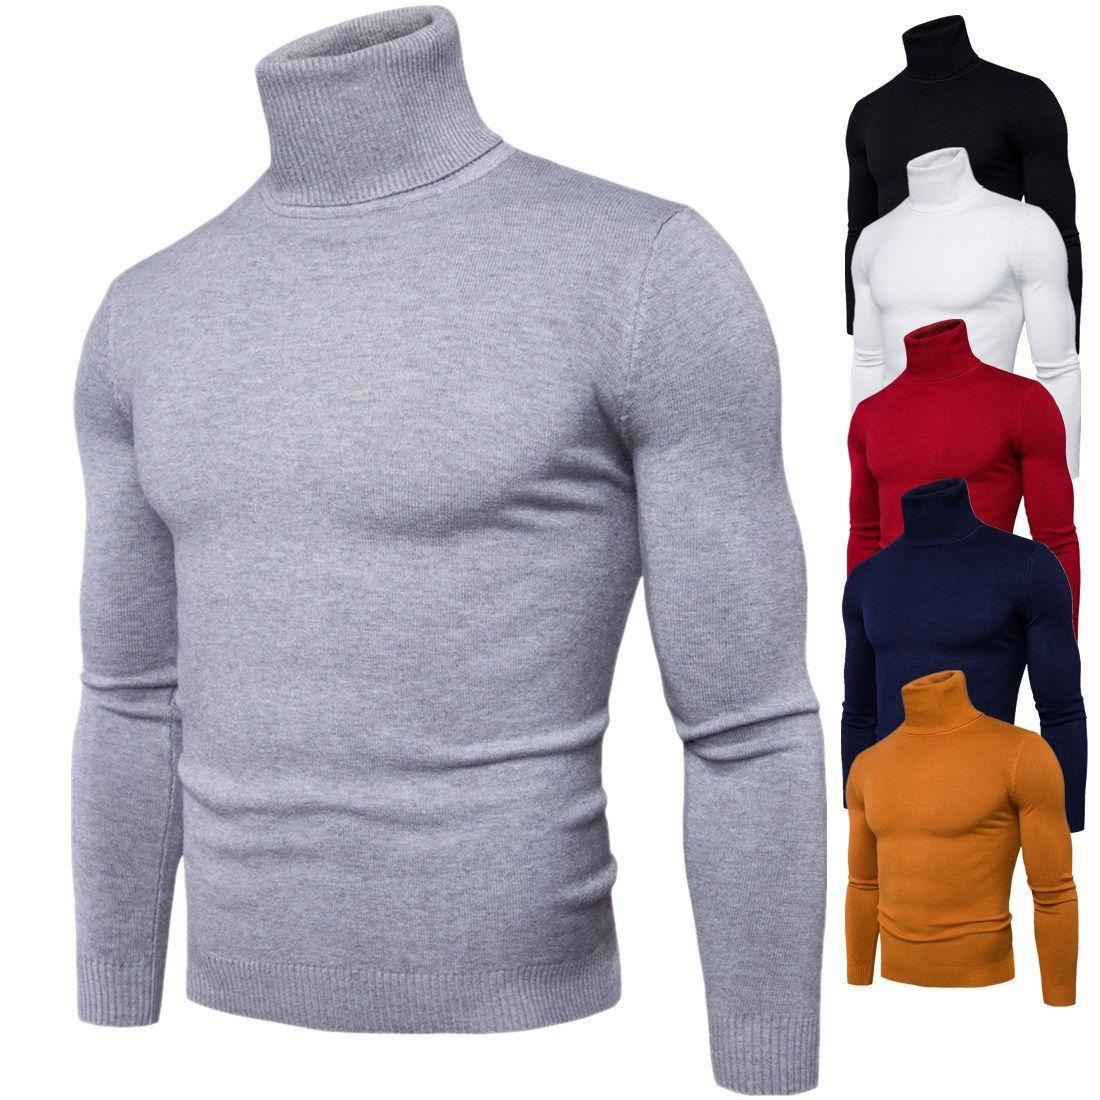 Pull Pull Hommes 2018 Mâle Marque Casual Mince Chandails Hommes Haute Qualité Solide Couleur Couverture Col Roulé Hommes Chandail